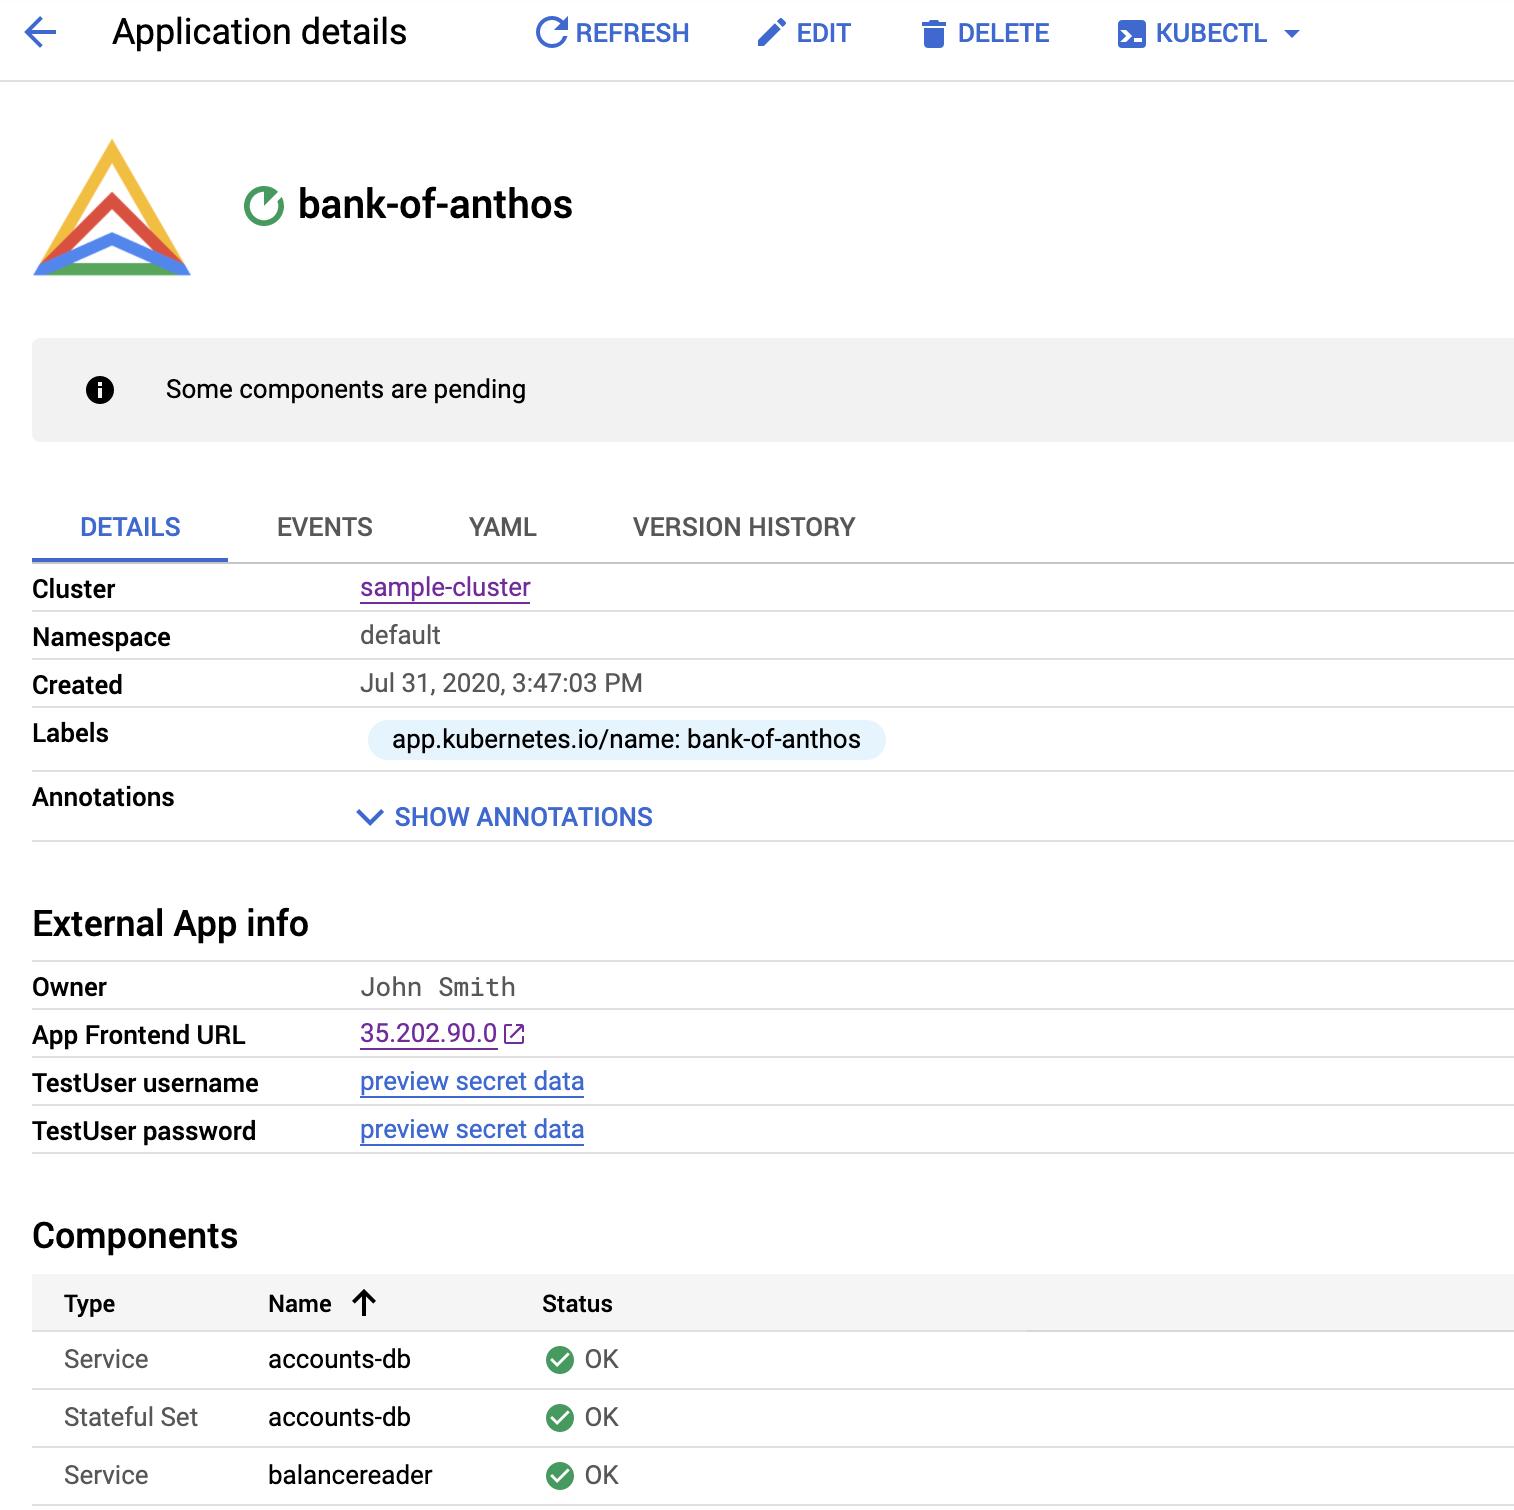 アプリケーションの詳細リストの上部にロゴが表示されています。